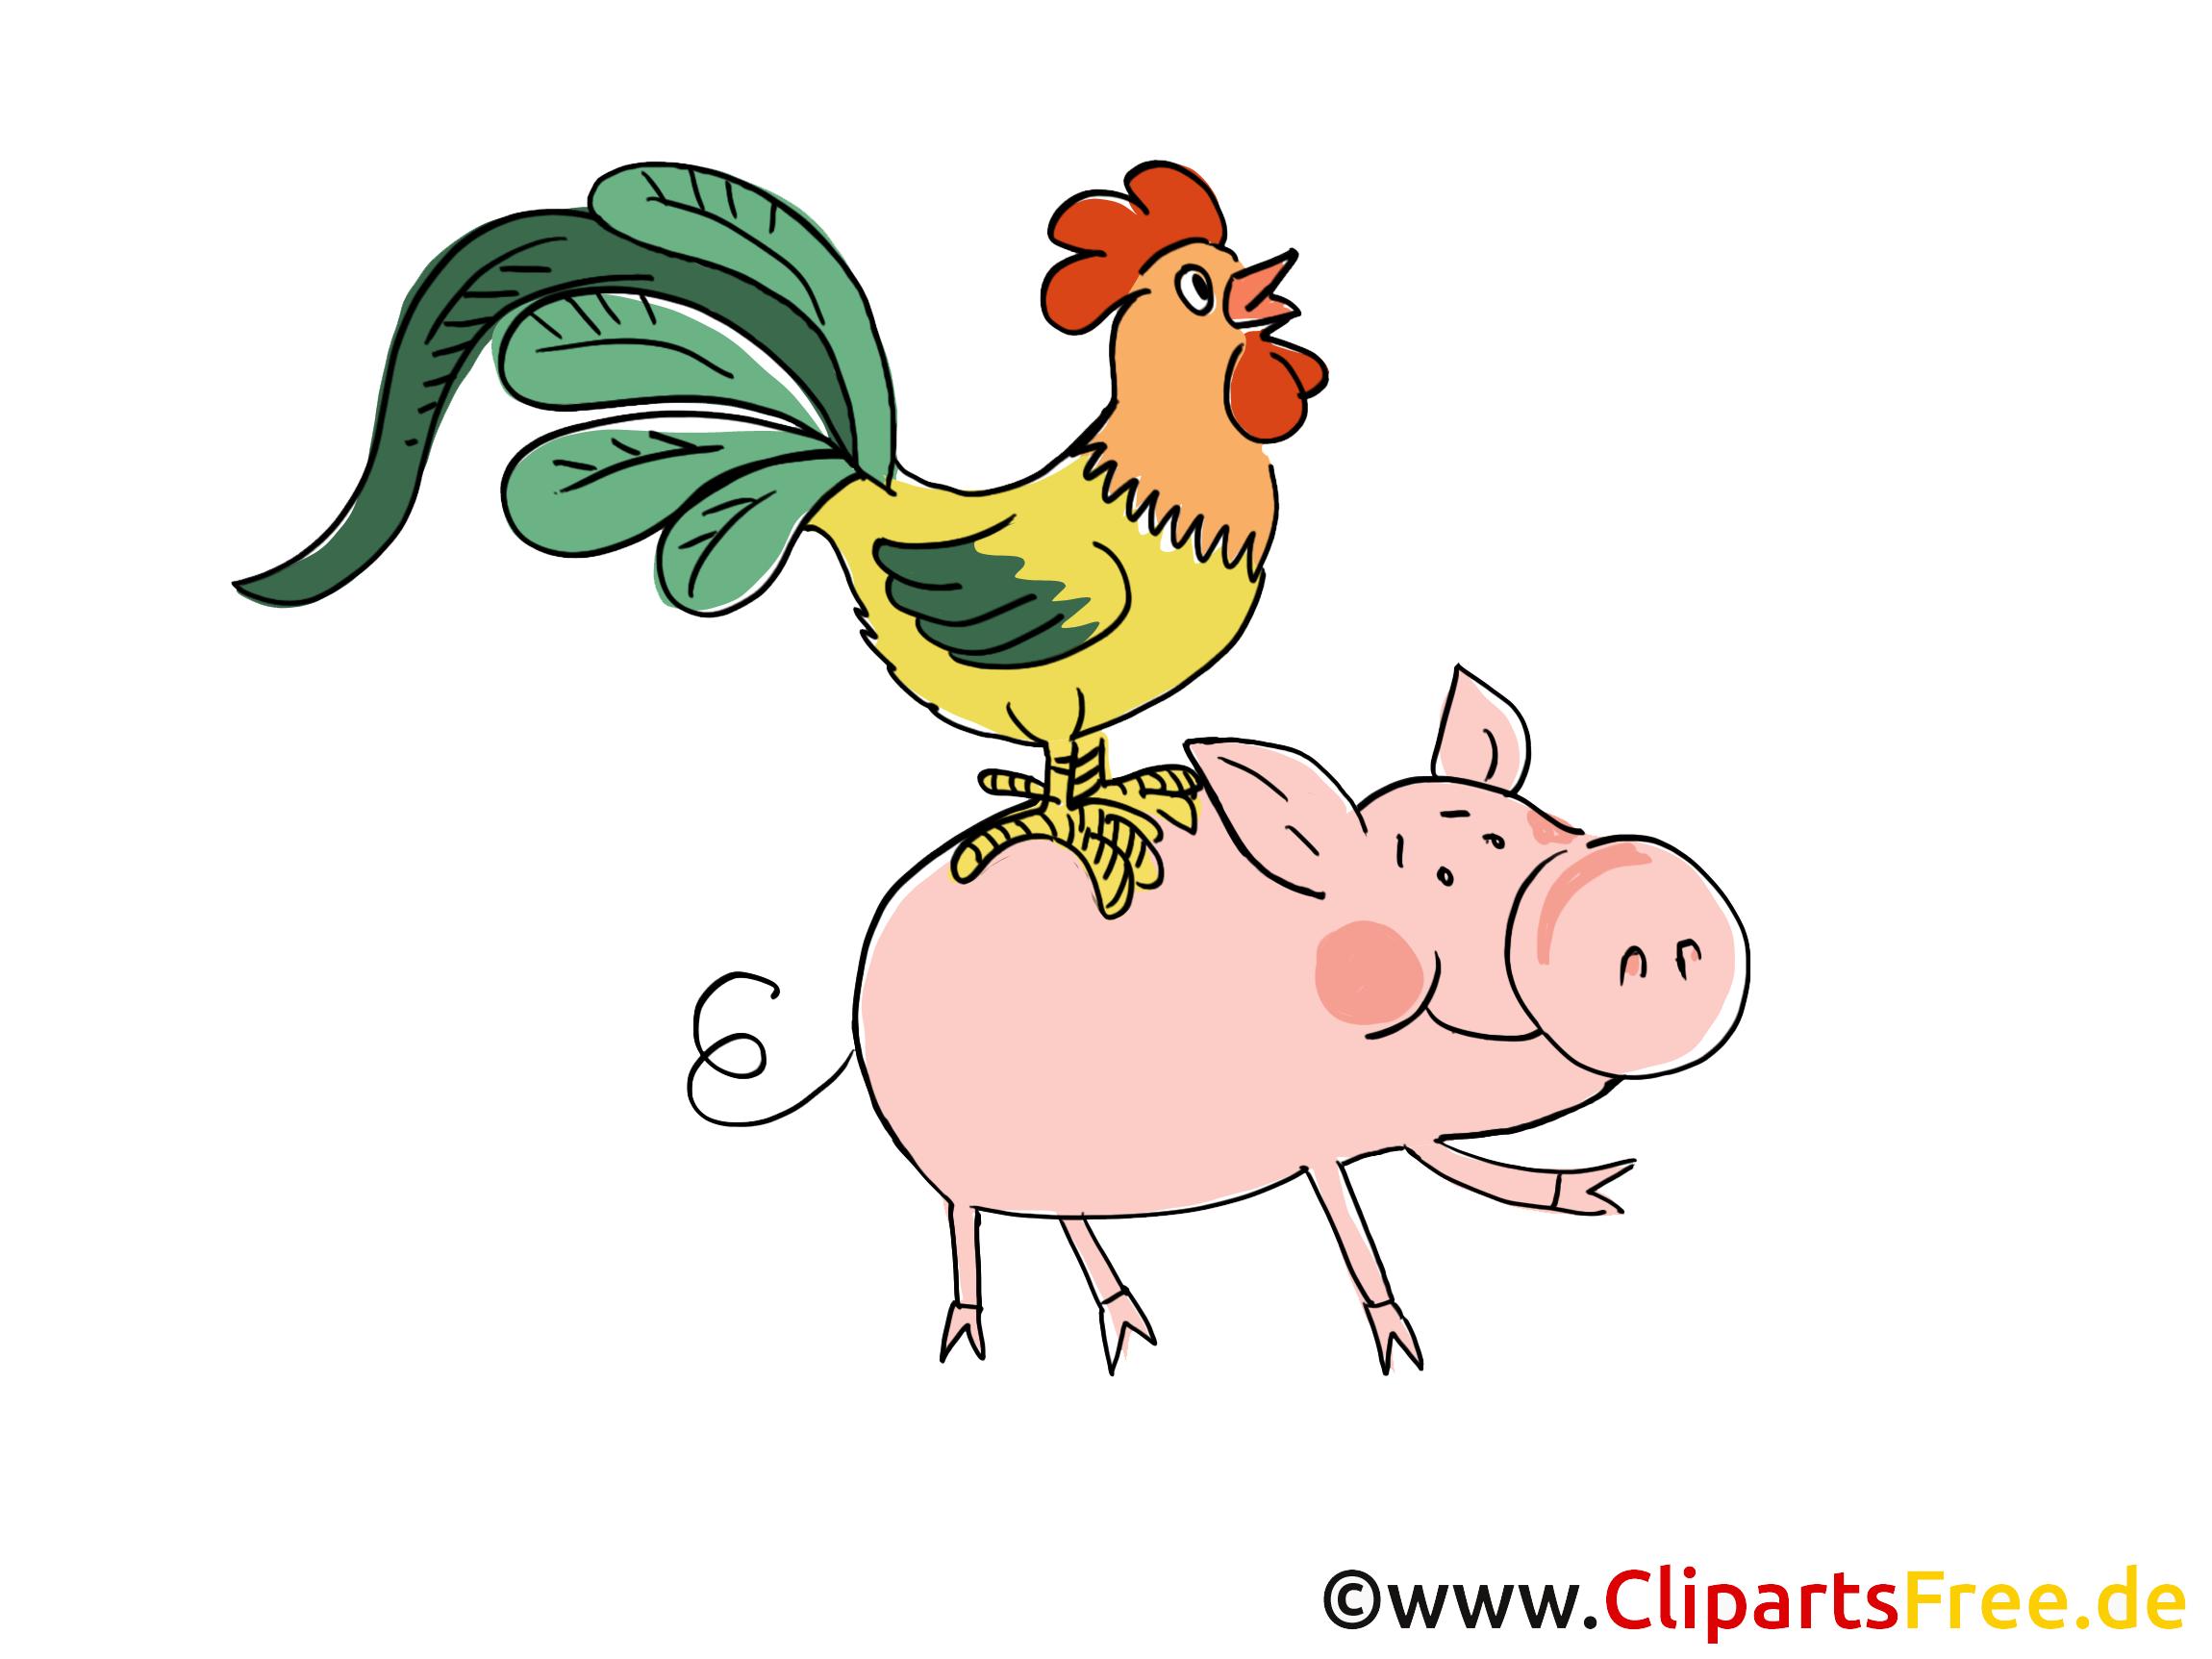 Cochon coq images – Ferme dessins gratuits